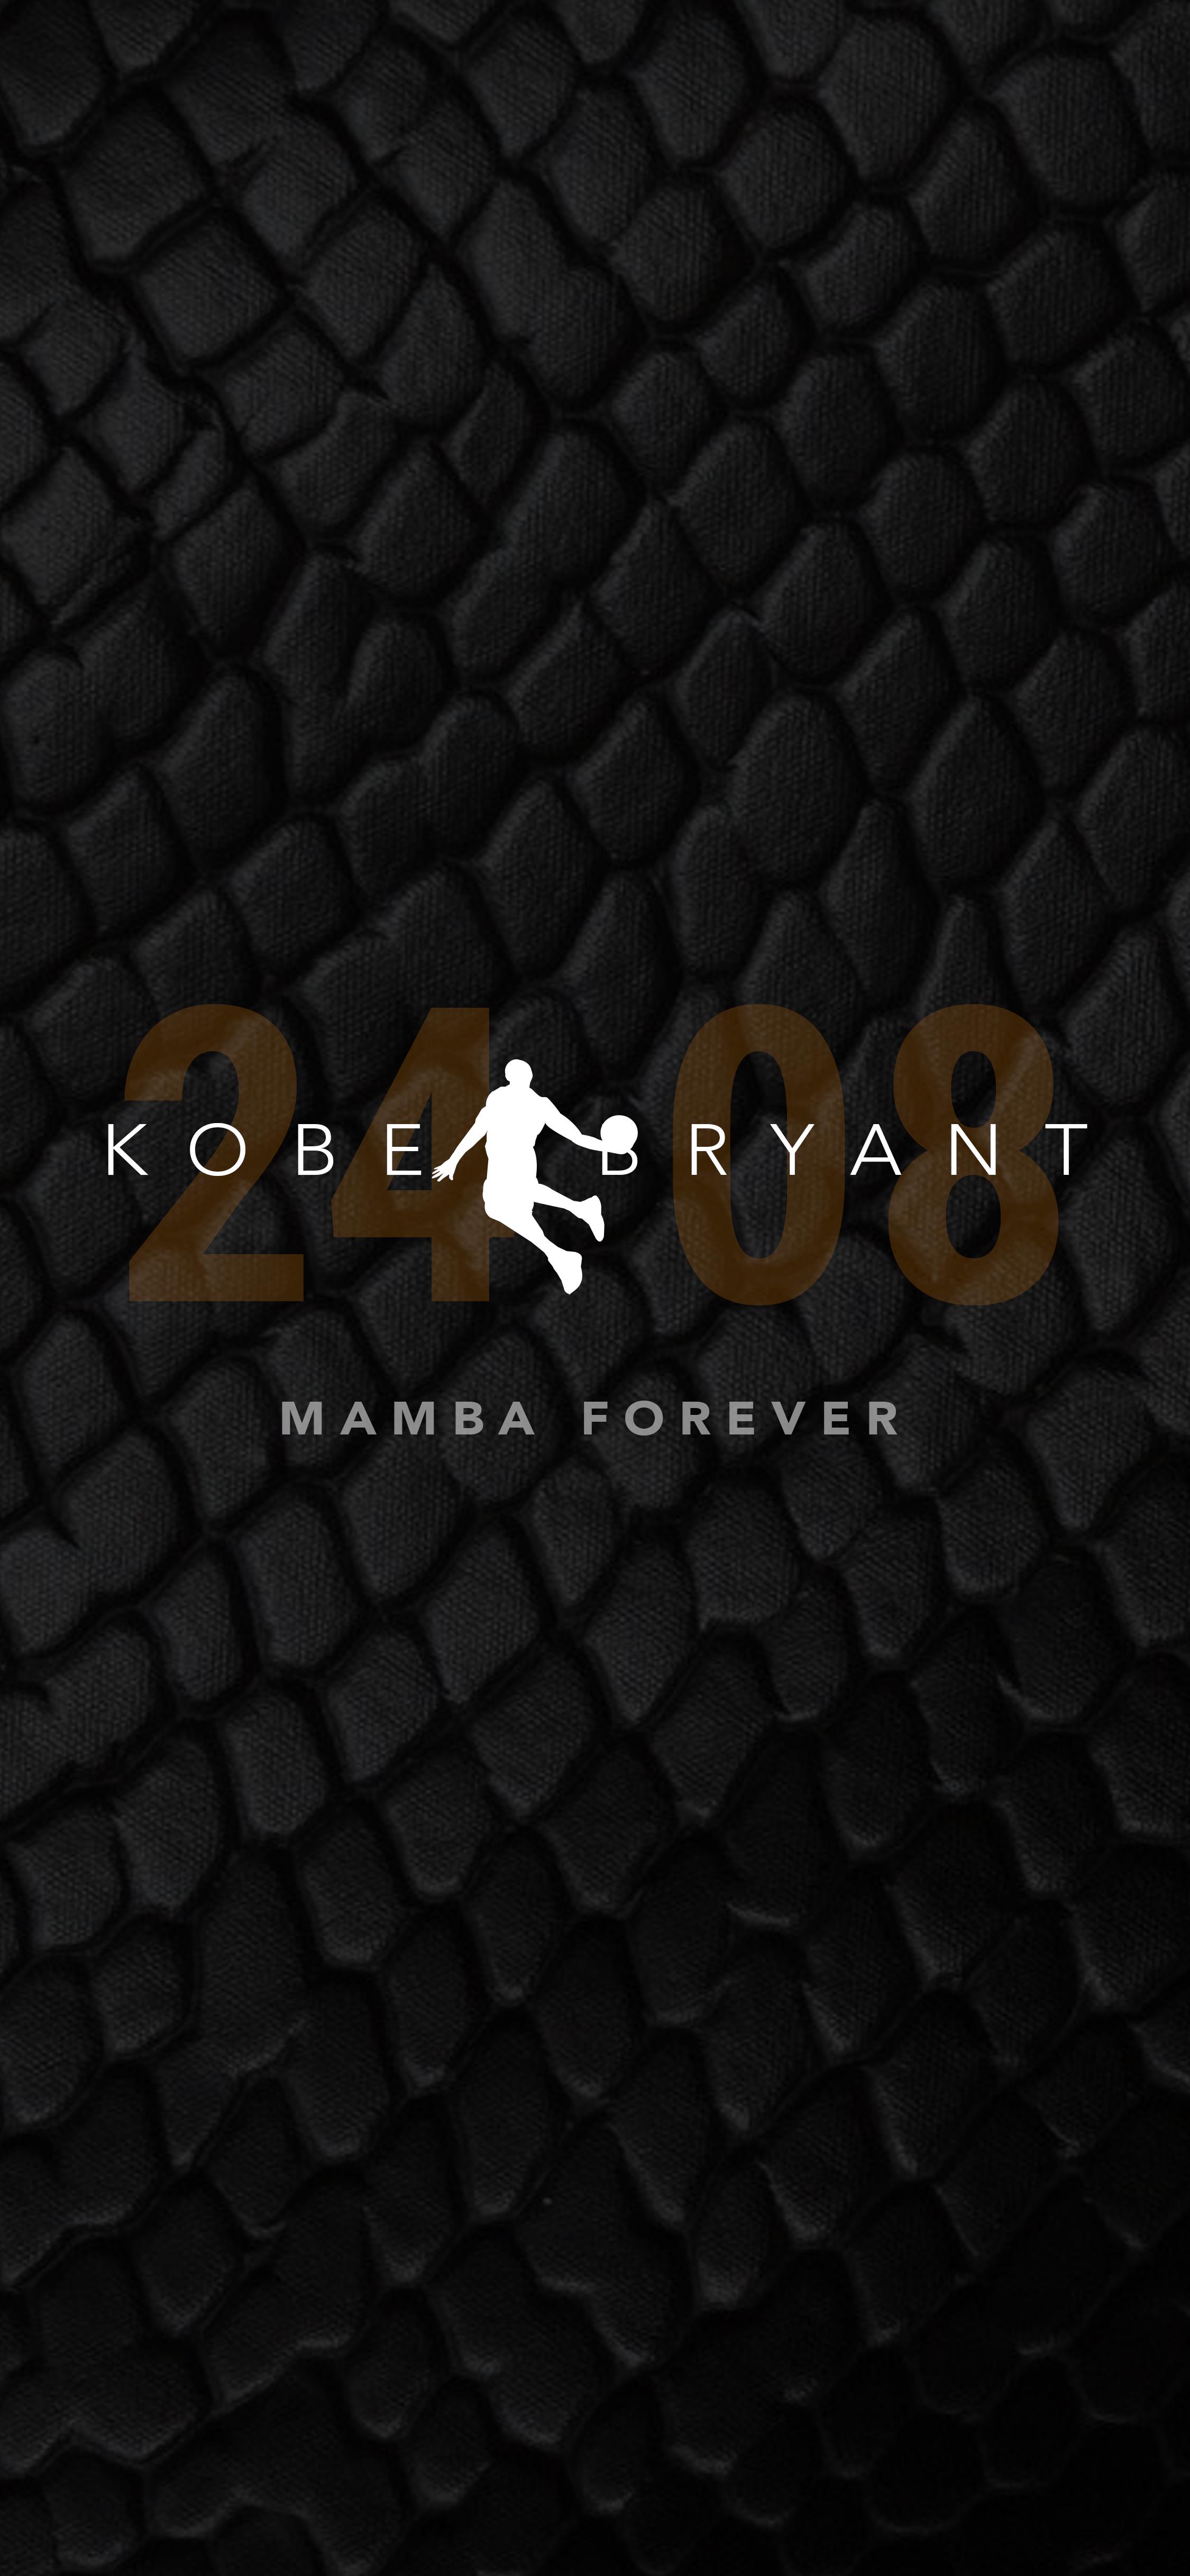 Kobe Bryant Tribute Kobe Bryant Wallpaper Kobe Bryant Pictures Kobe Bryant